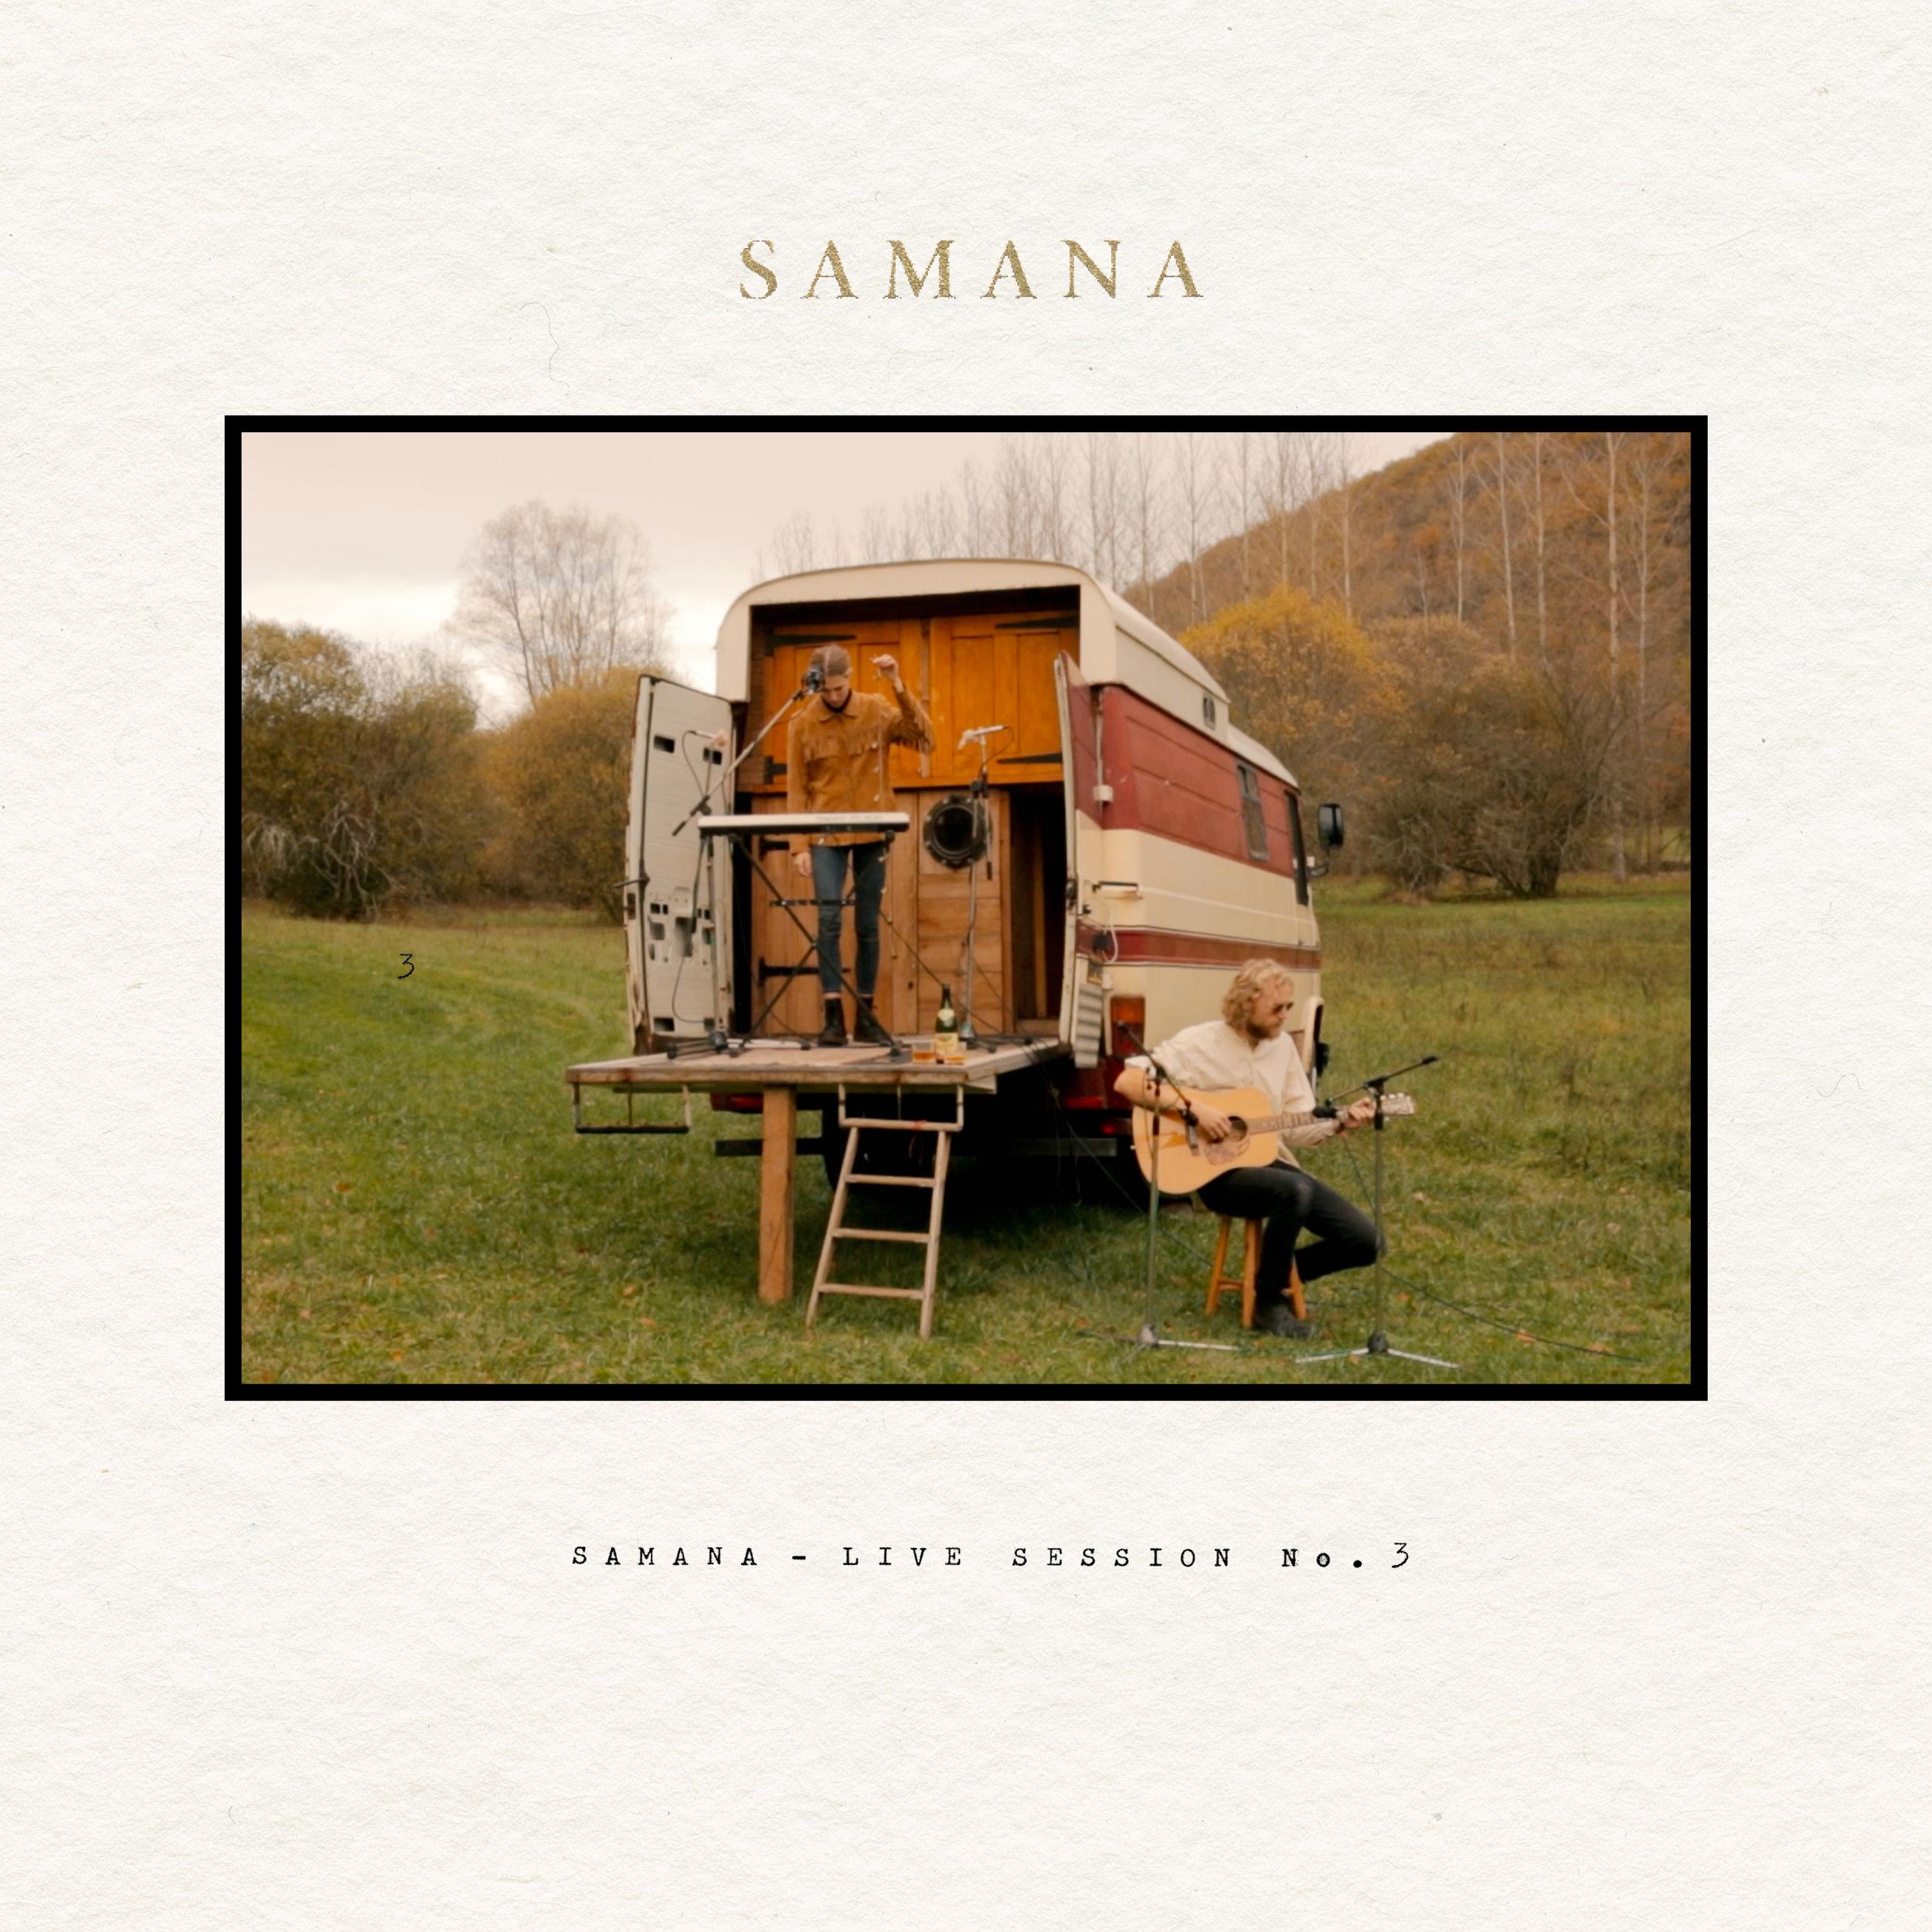 Samana, Samana music, Samana Live Session No.3, Samana Live